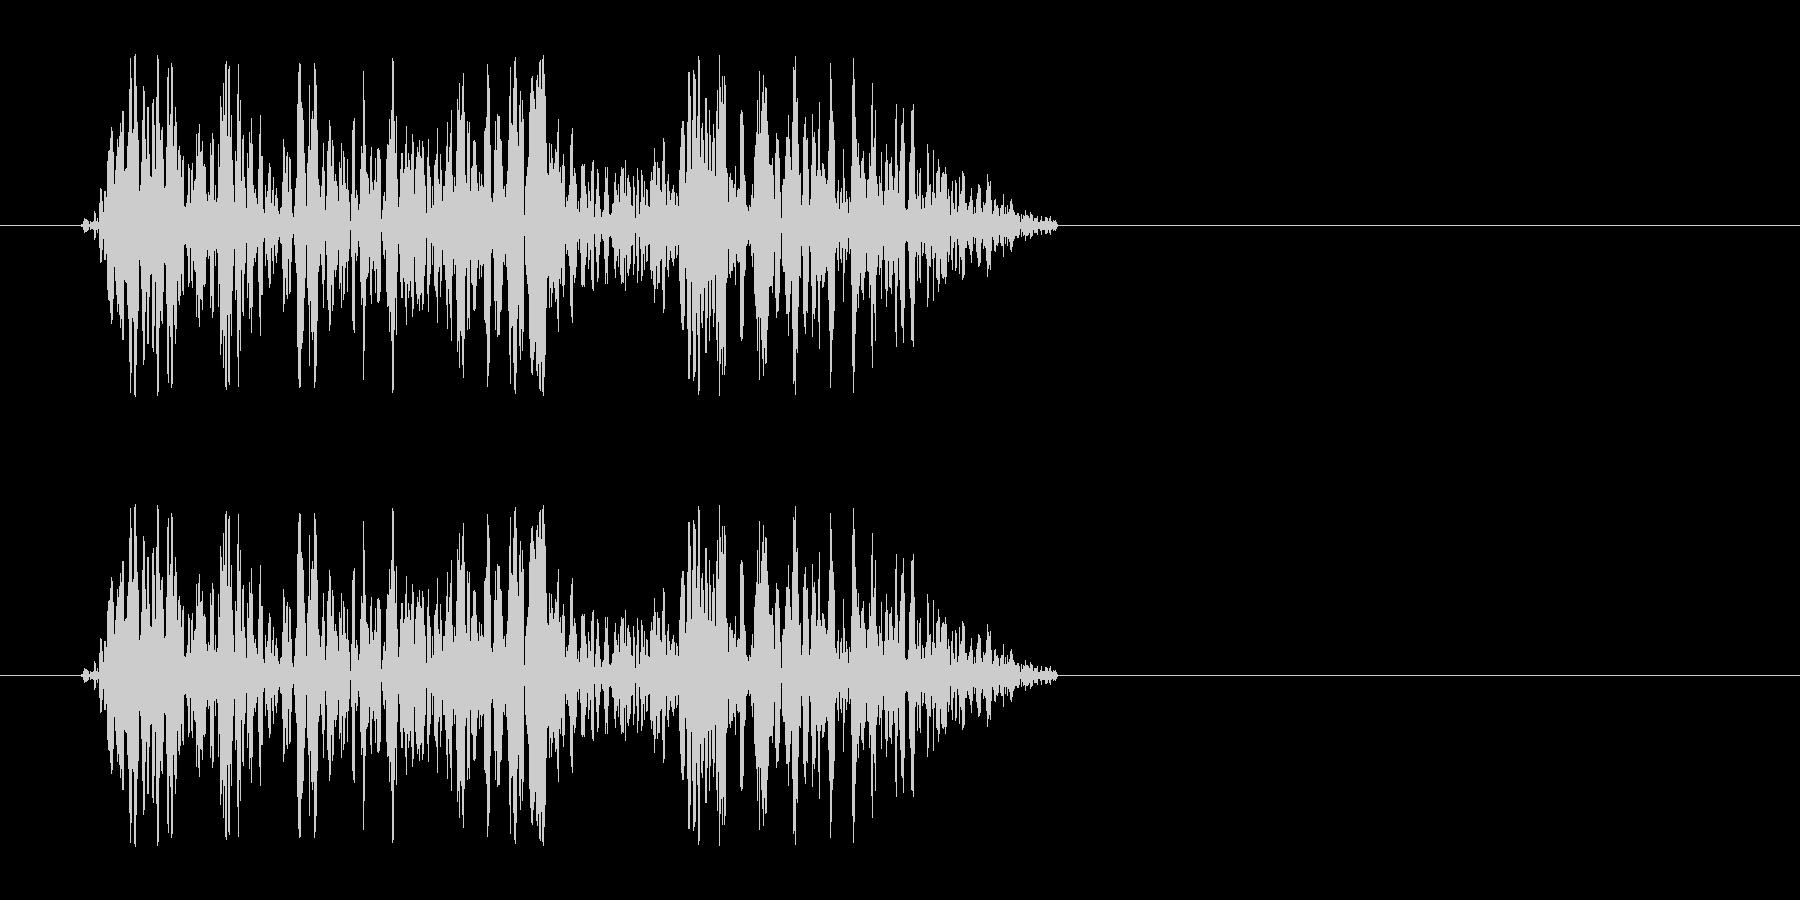 キキュッ(床を蹴ってジャンプする音)の未再生の波形